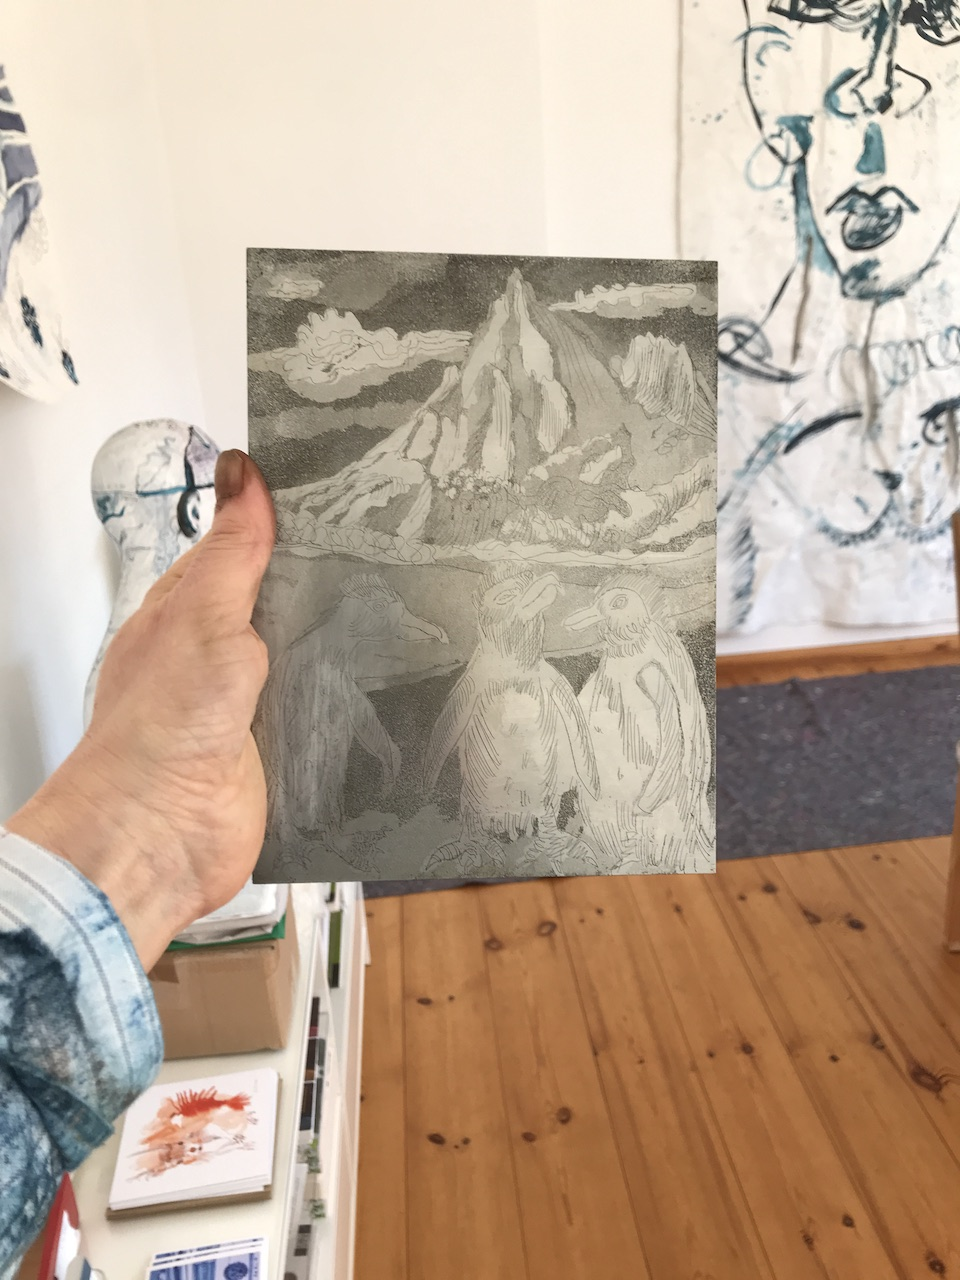 Entstehung Pinguine an der Boulder Beach, 20 x 15 cm, Aquatinta Radierung von Susanne Haun (c) VG Bild-Kunst, Bonn 2020